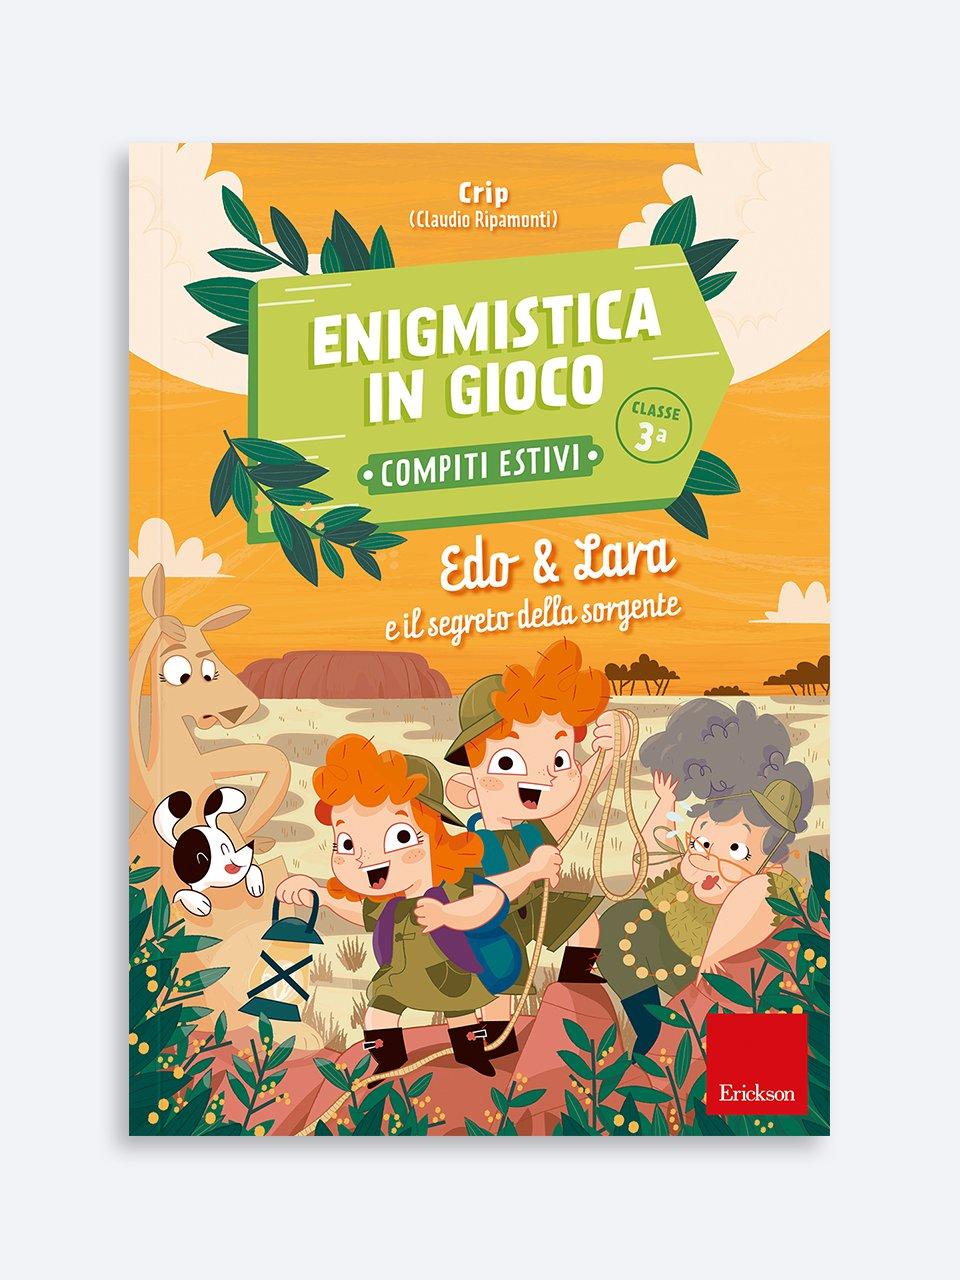 Enigmistica in gioco -  Compiti estivi - Classe terza - Le proposte Erickson per i compiti-delle-vacanze - Erickson